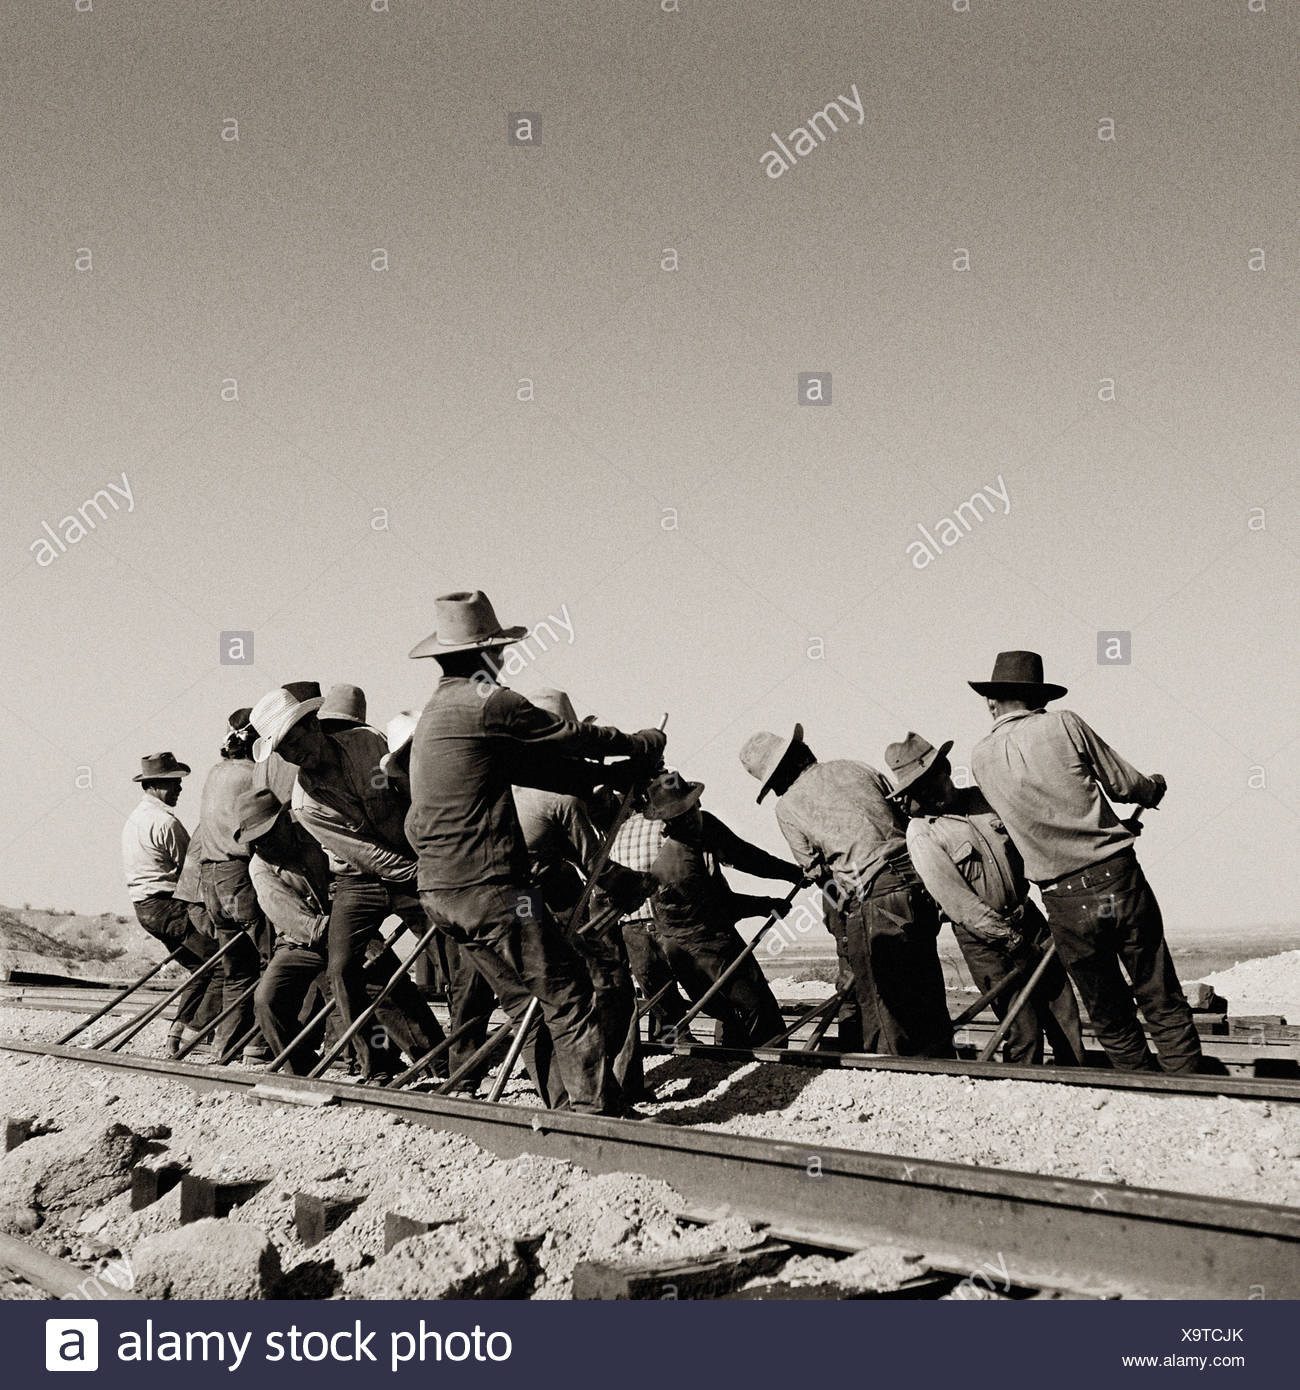 Preiser #79147 Workers Railroad Workers